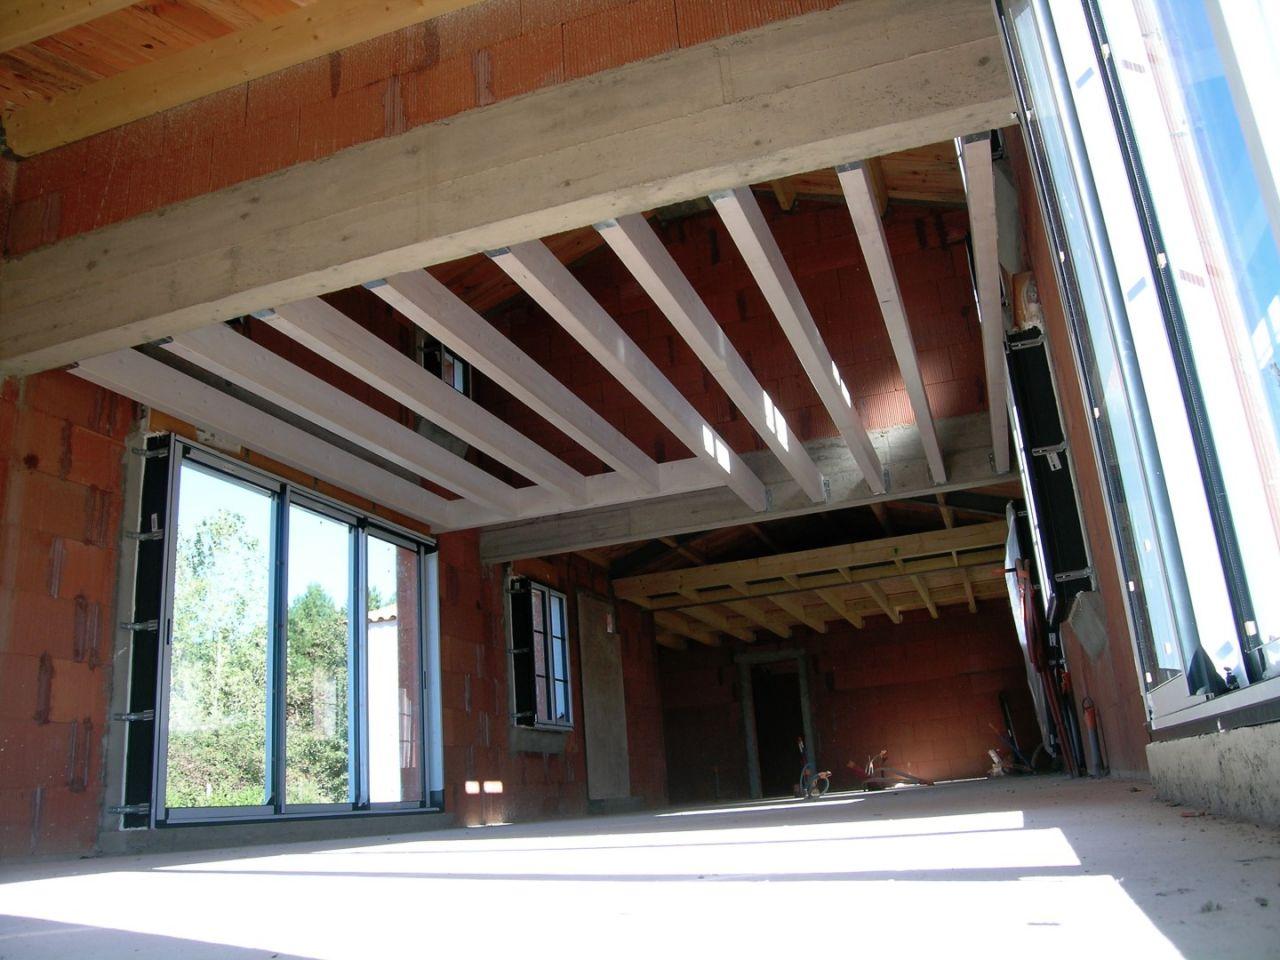 Vue des pannes du plancher de la chambre de l'étage.